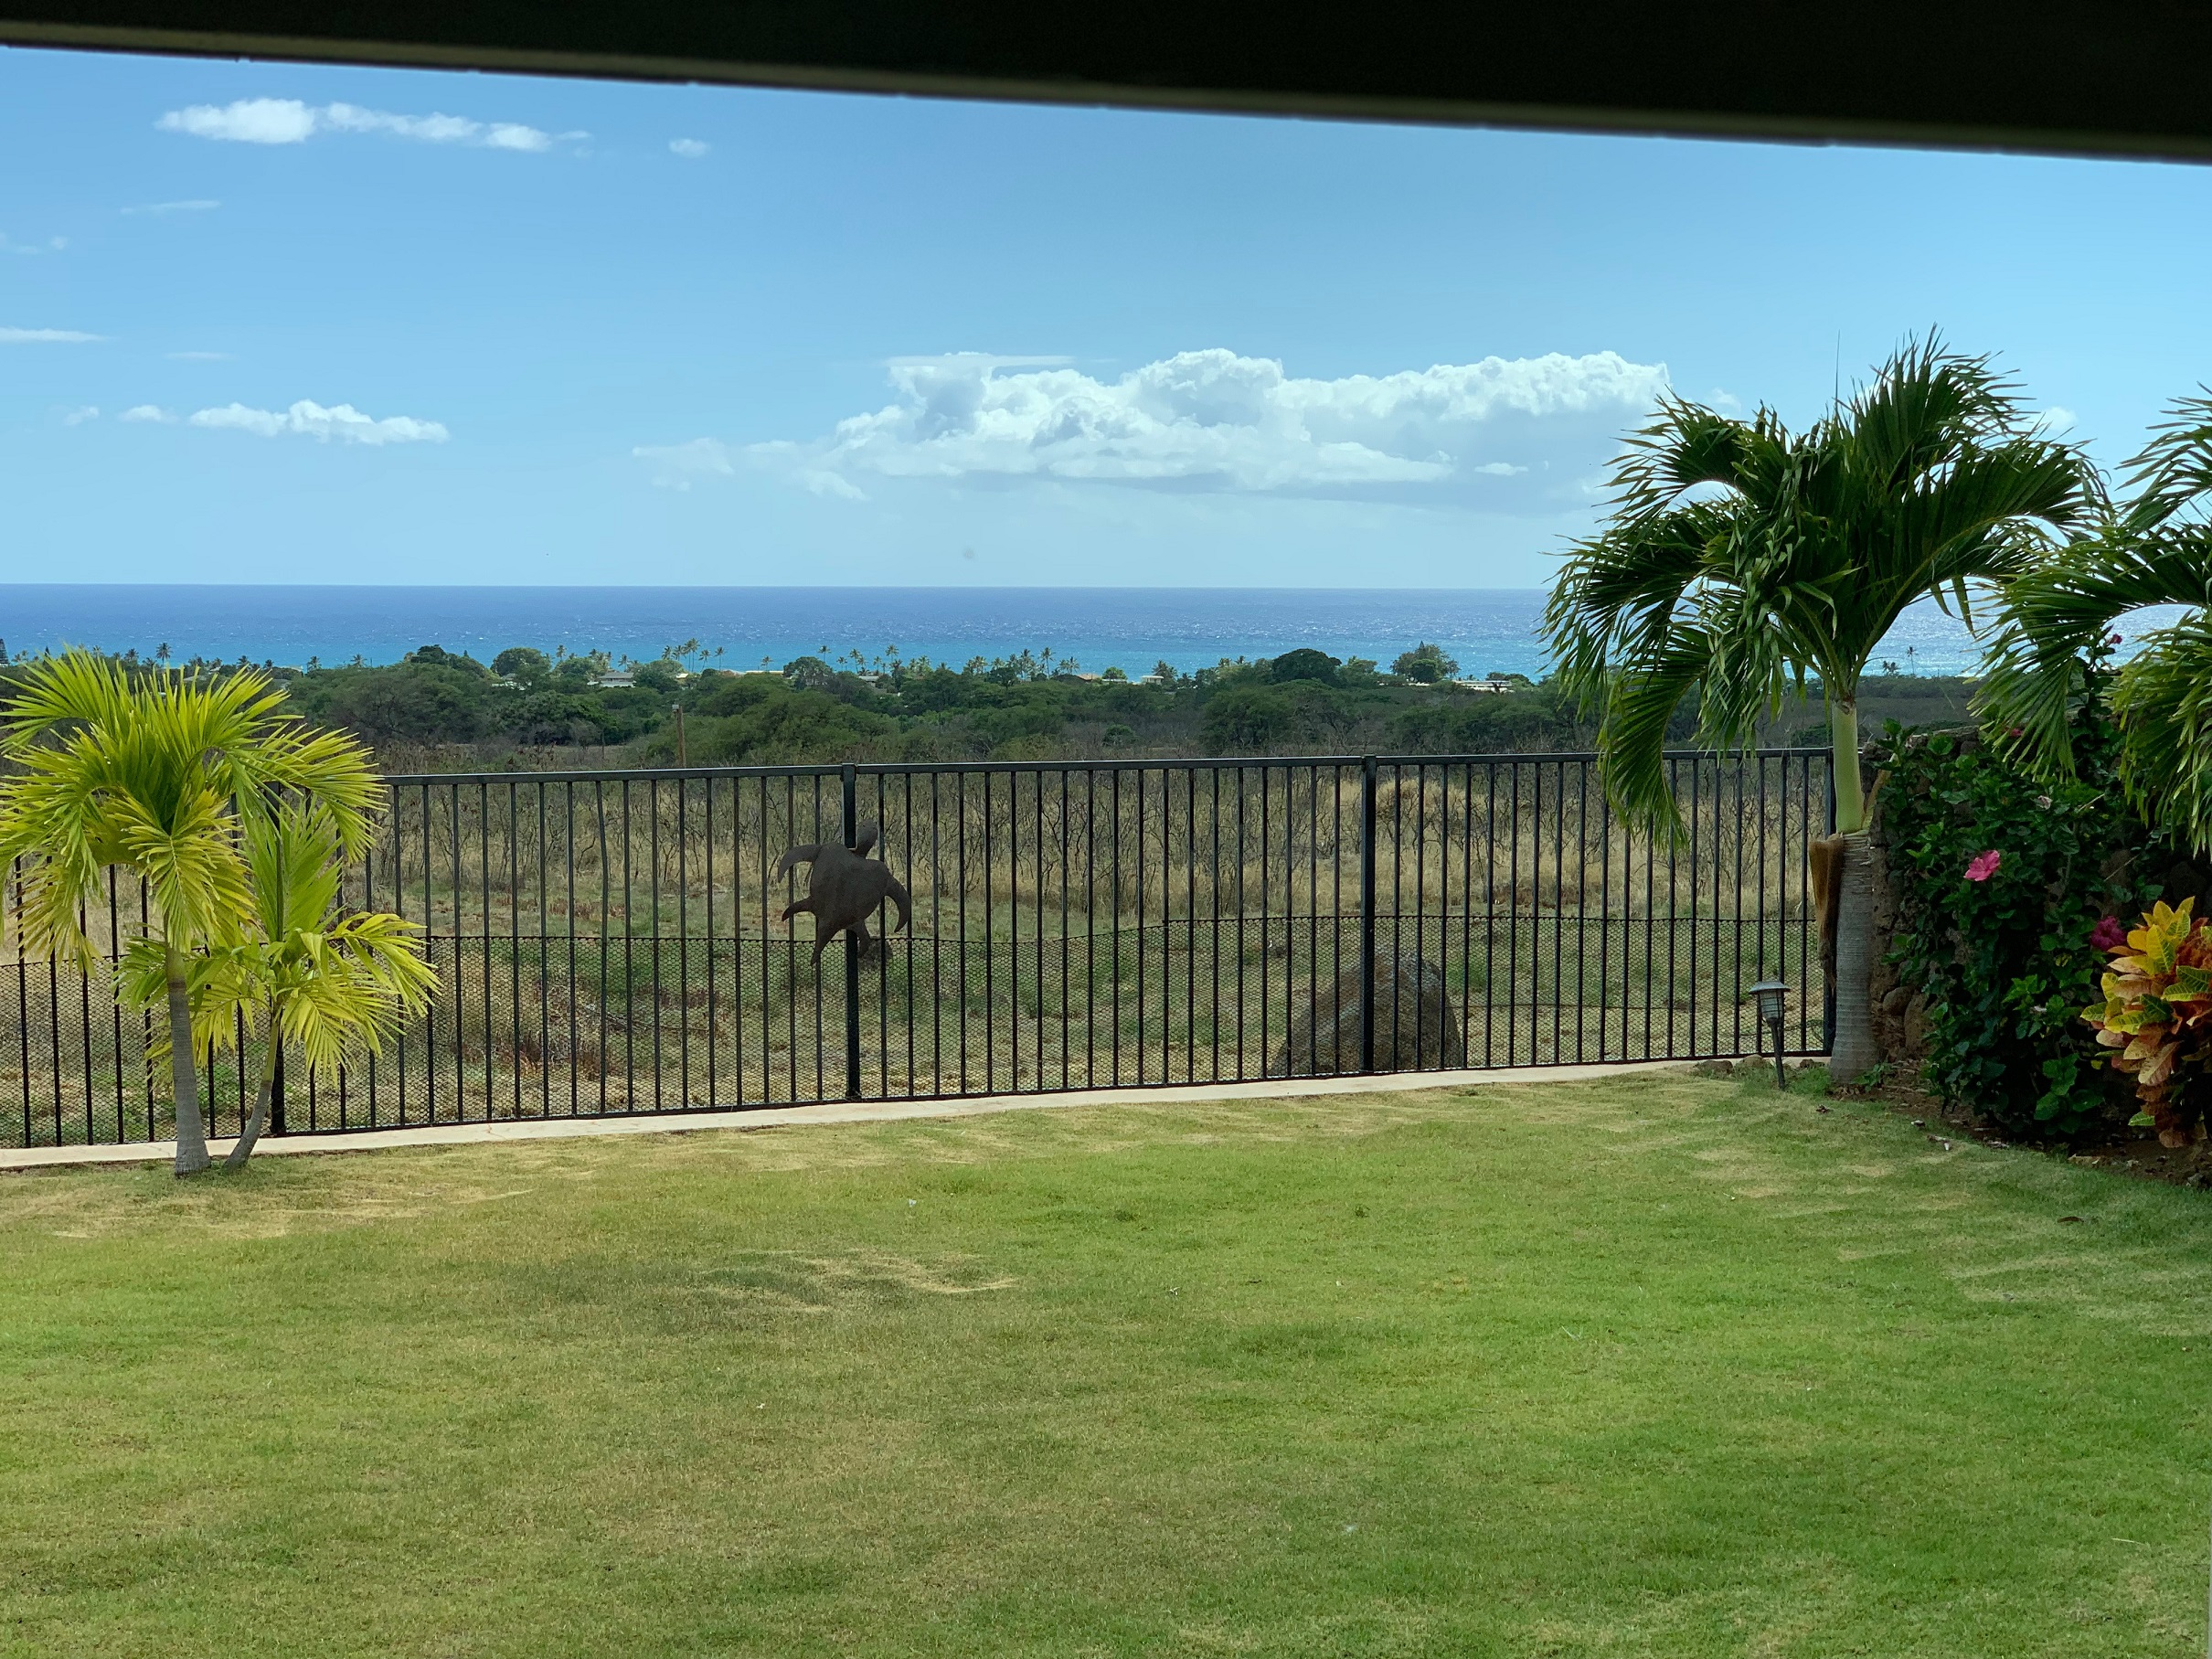 Home for sale: 84-575 Kili Drive, Waianae 96792, Waianae, Hi